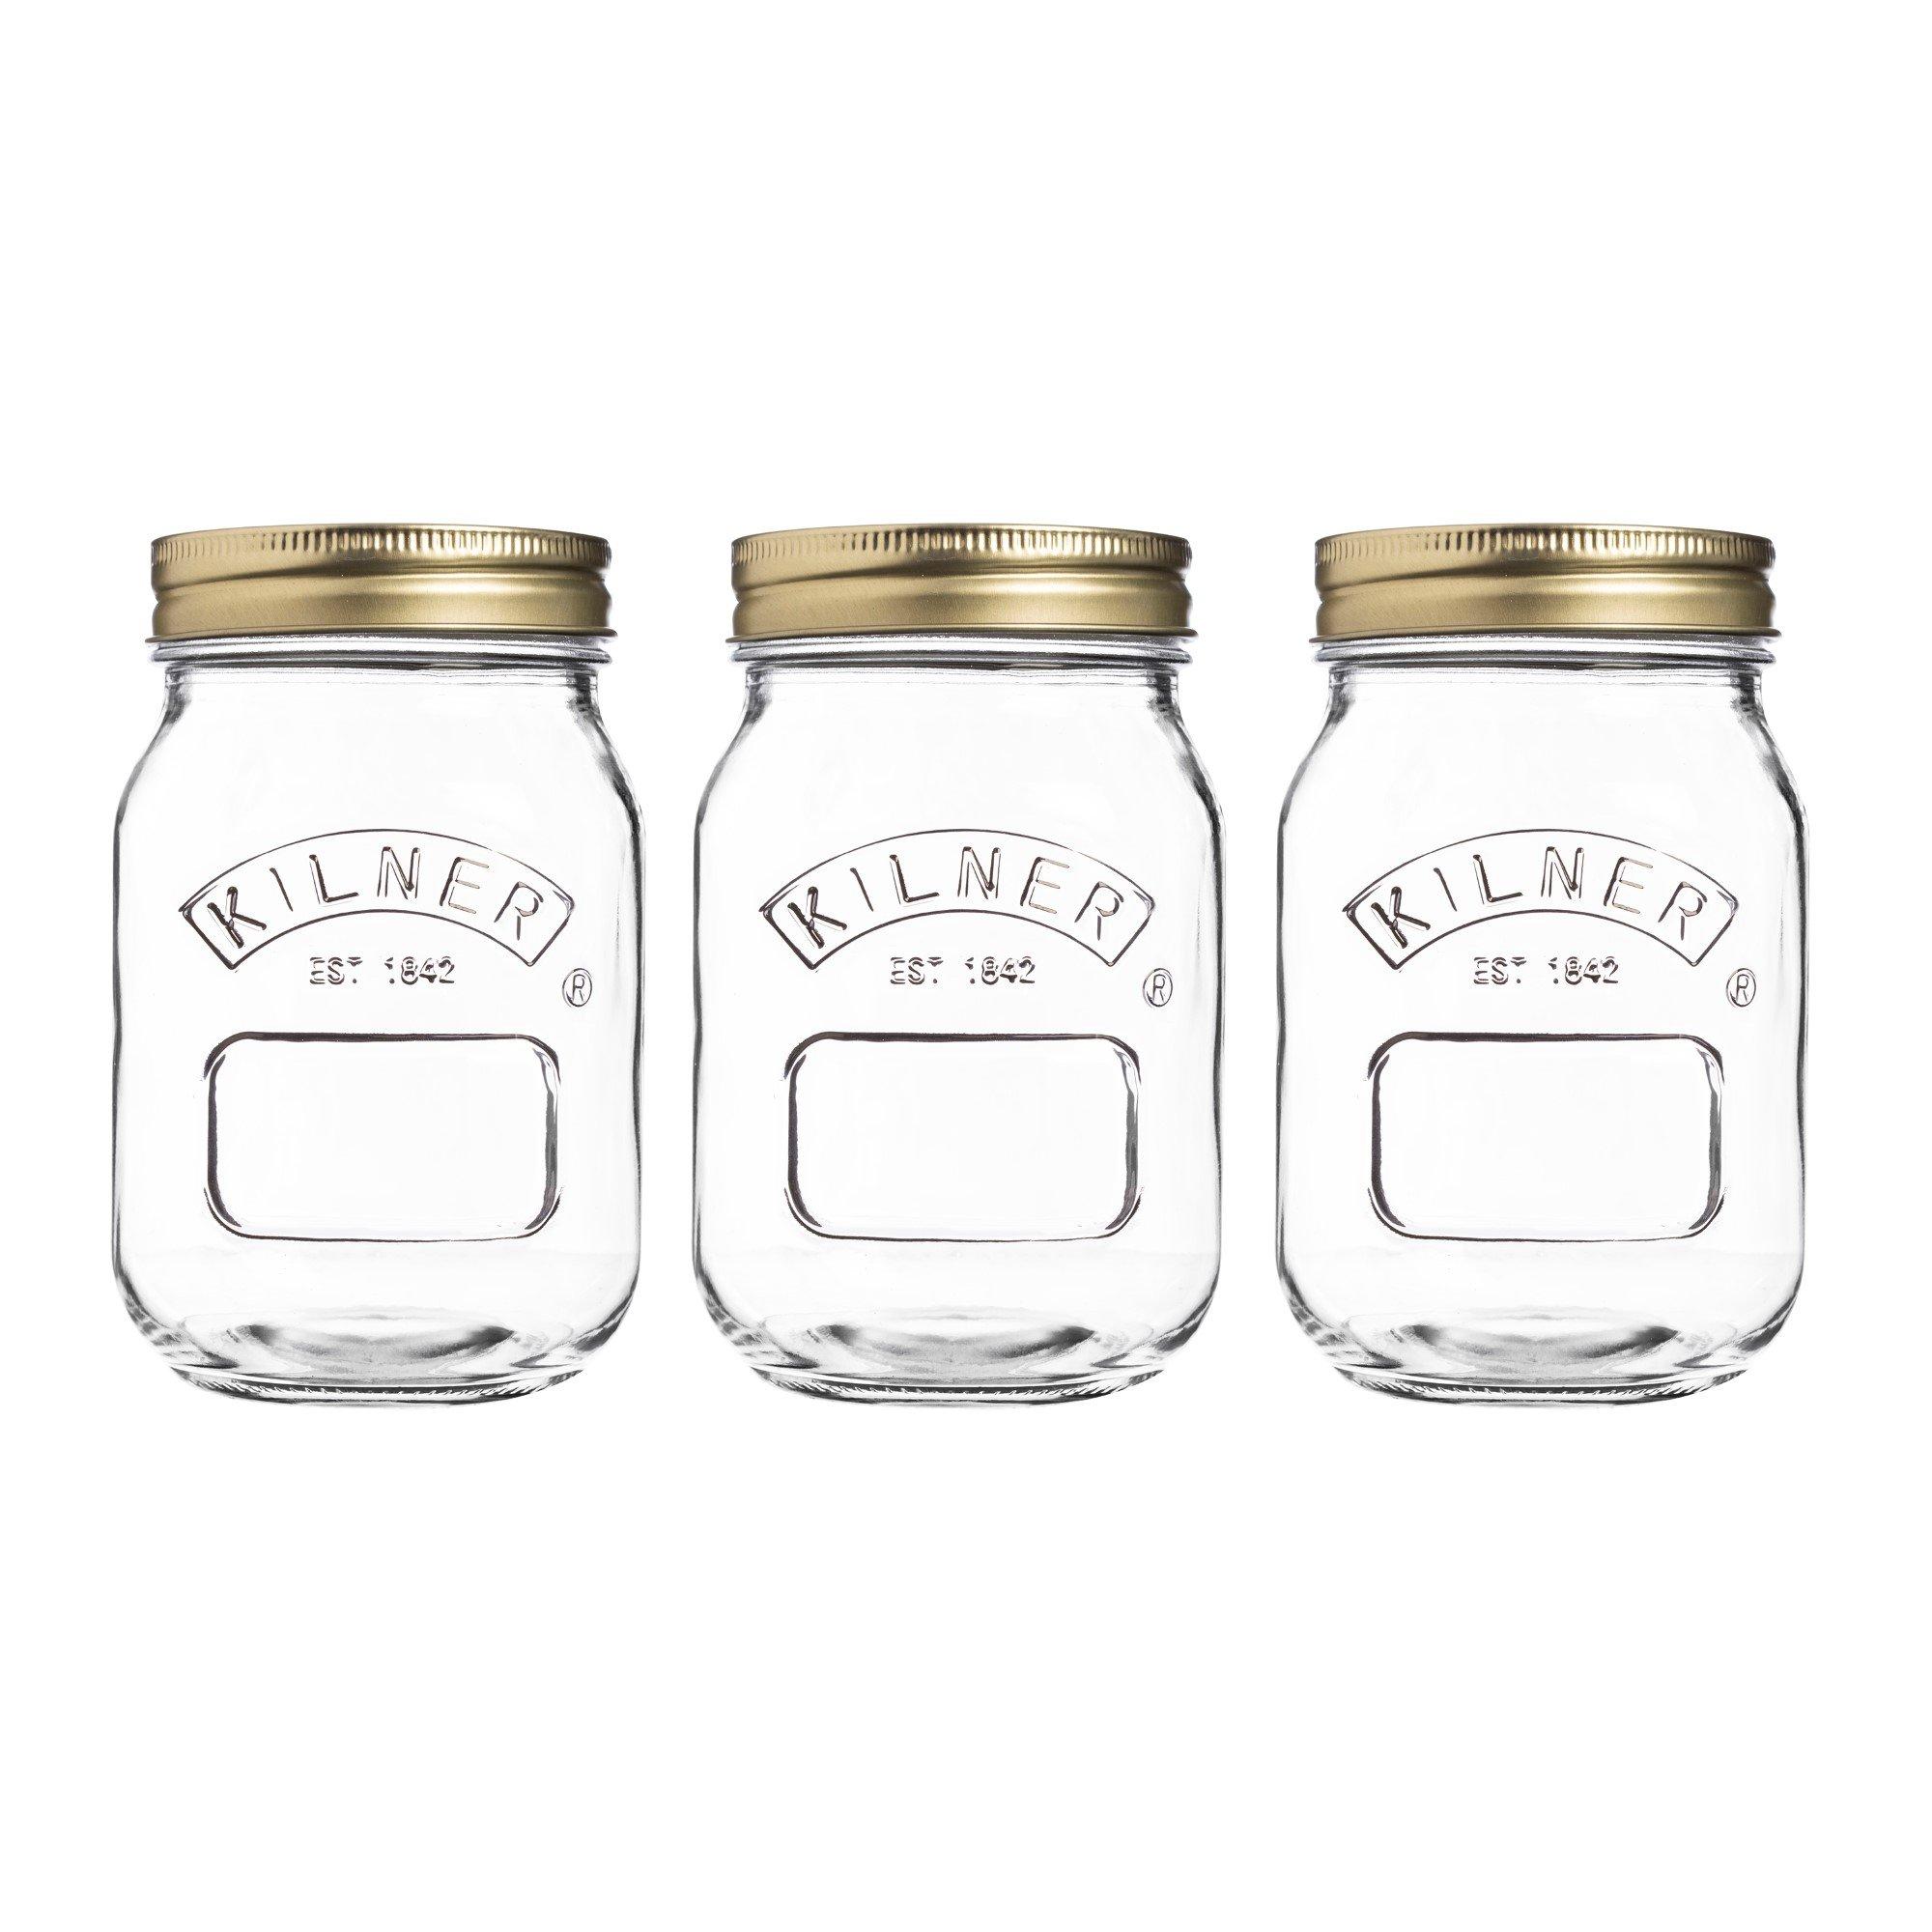 Country Canning Jars Kilner 17-Fl Oz, Set of 3